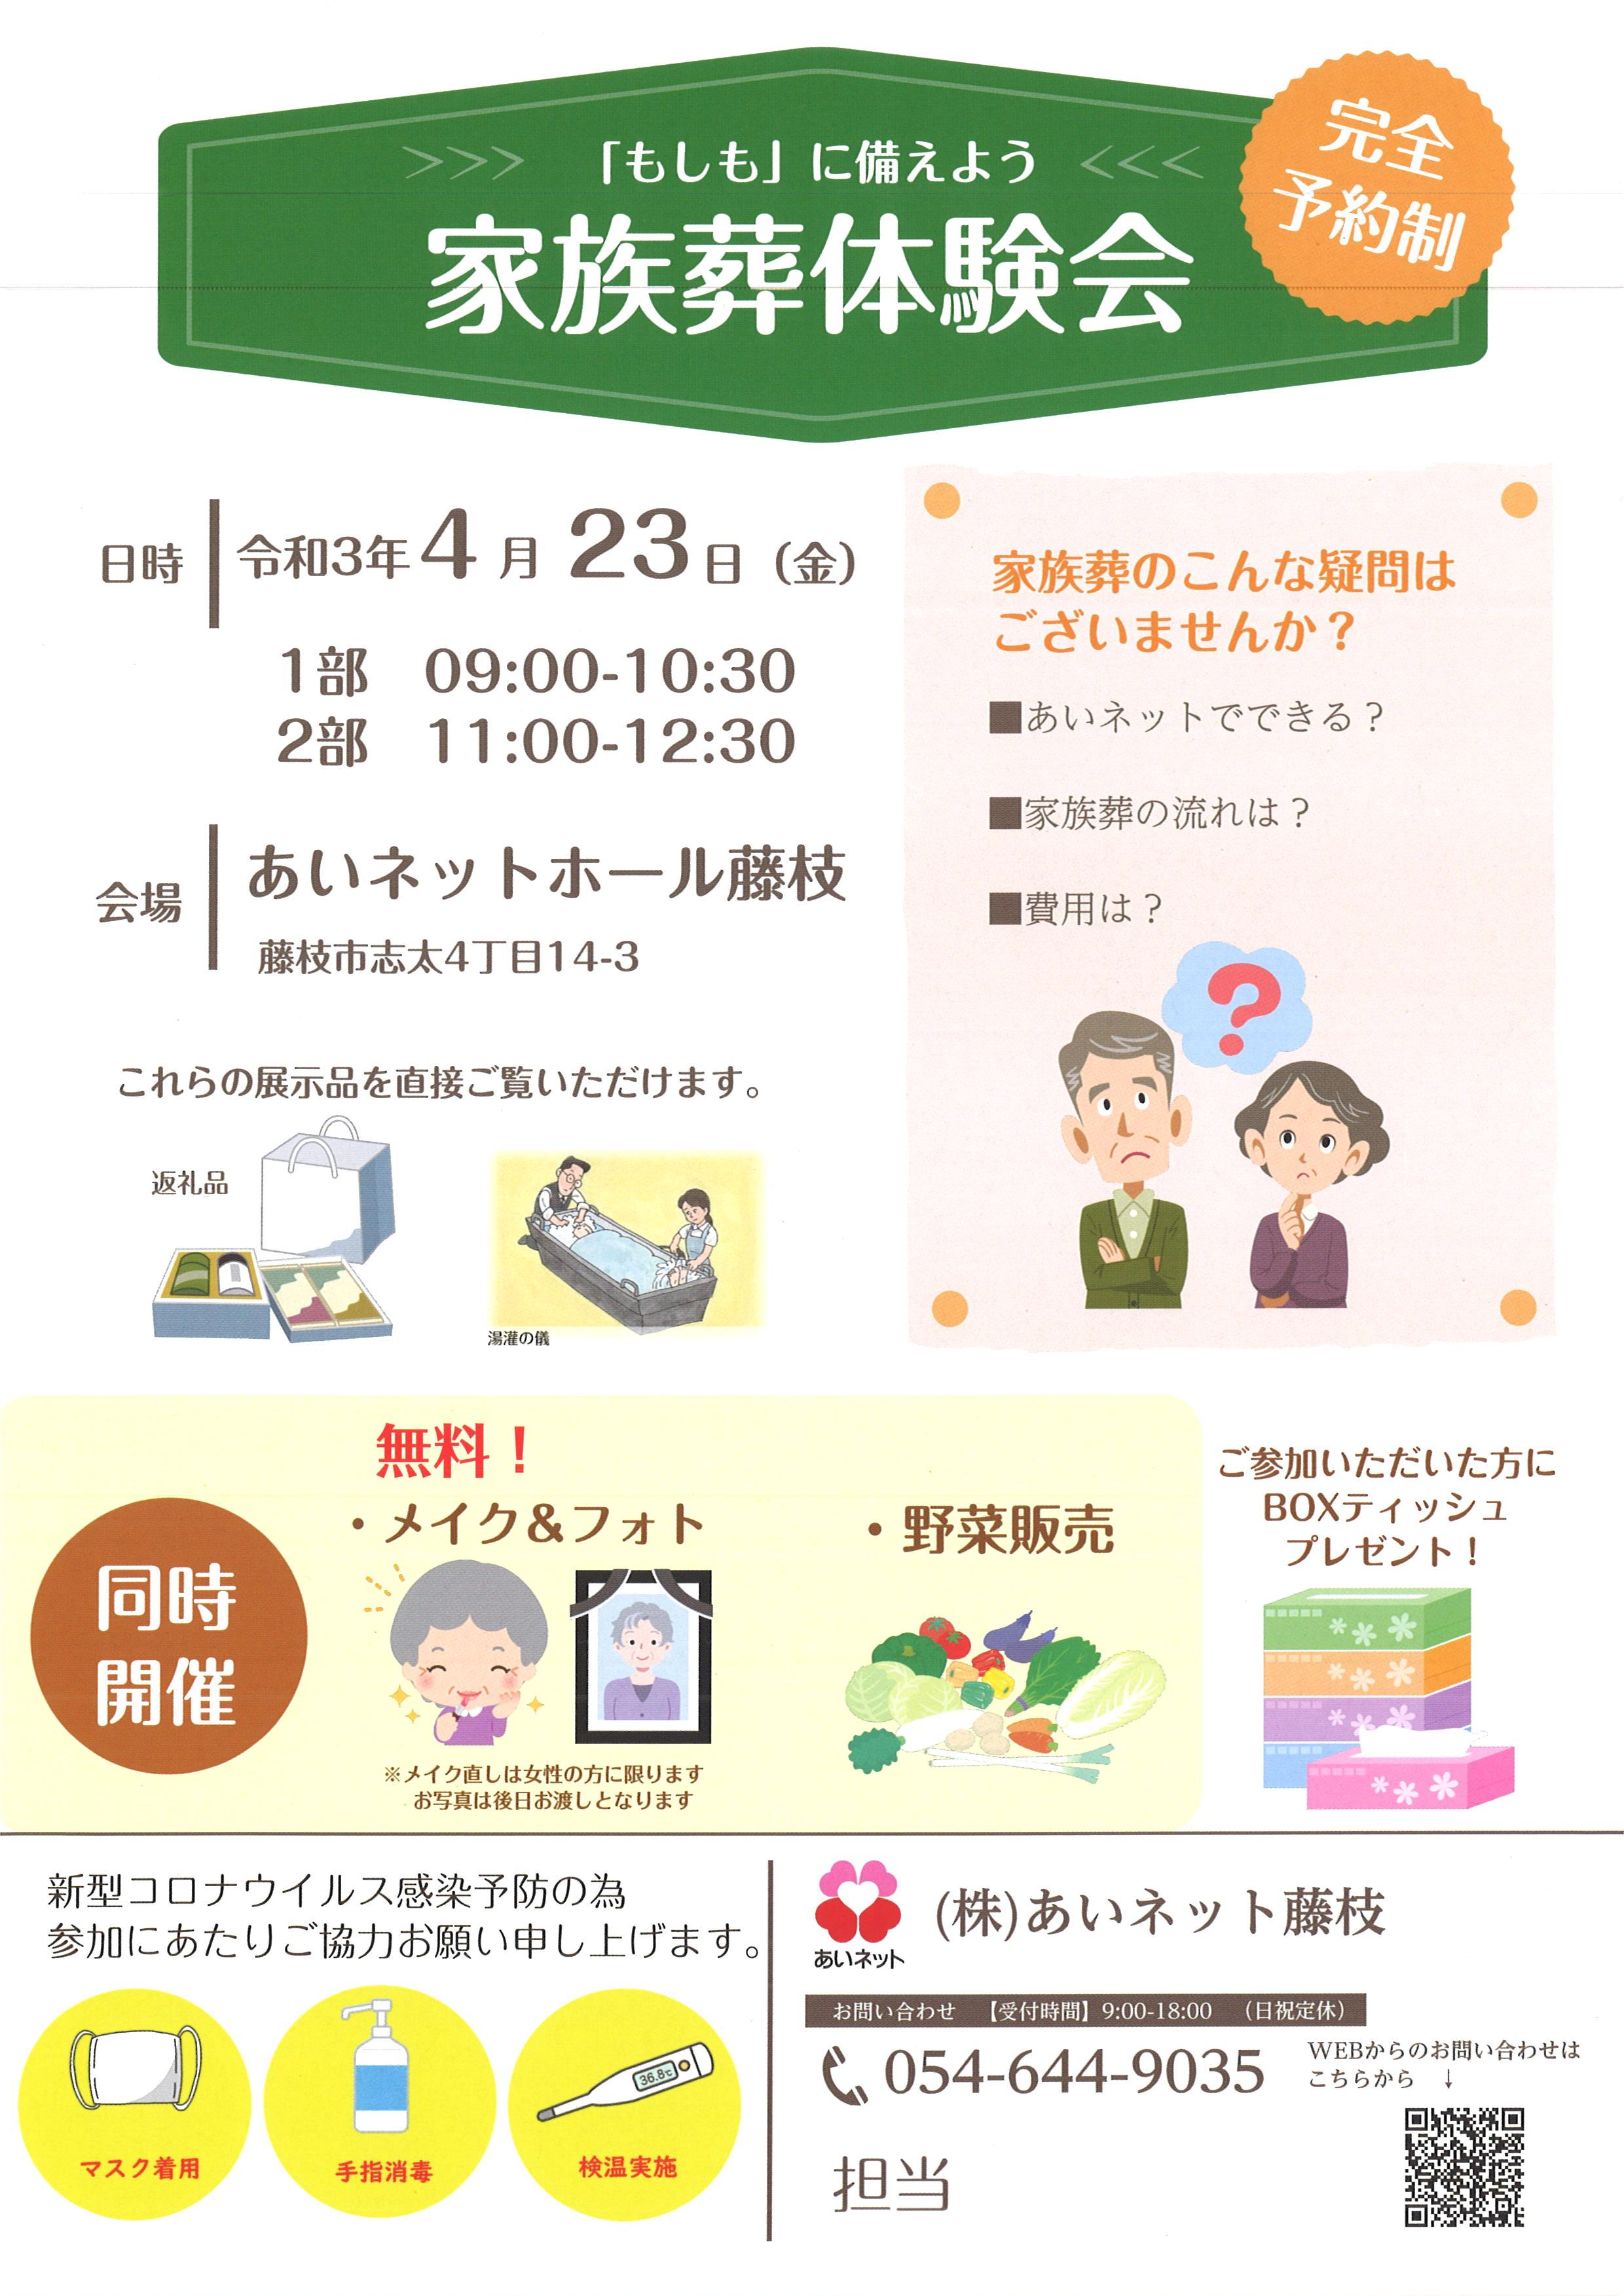 4月23日(金)家族葬体験イベント㏌あいネットホール藤枝